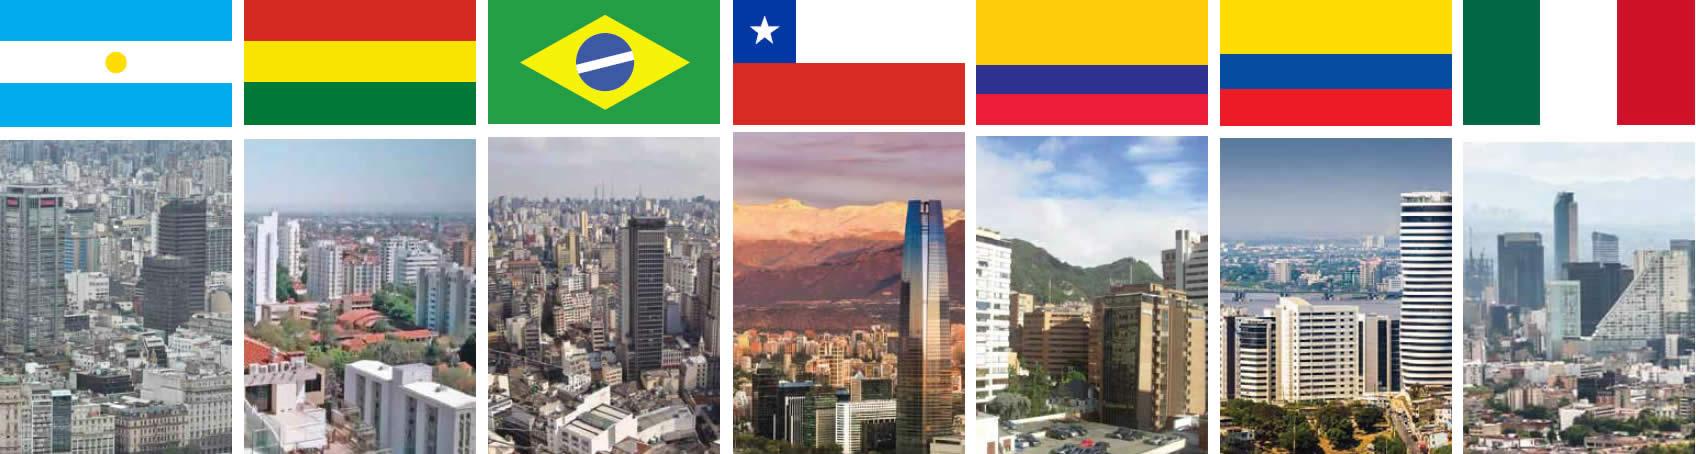 Actualidad del Transporte Vertical en Latinoamérica